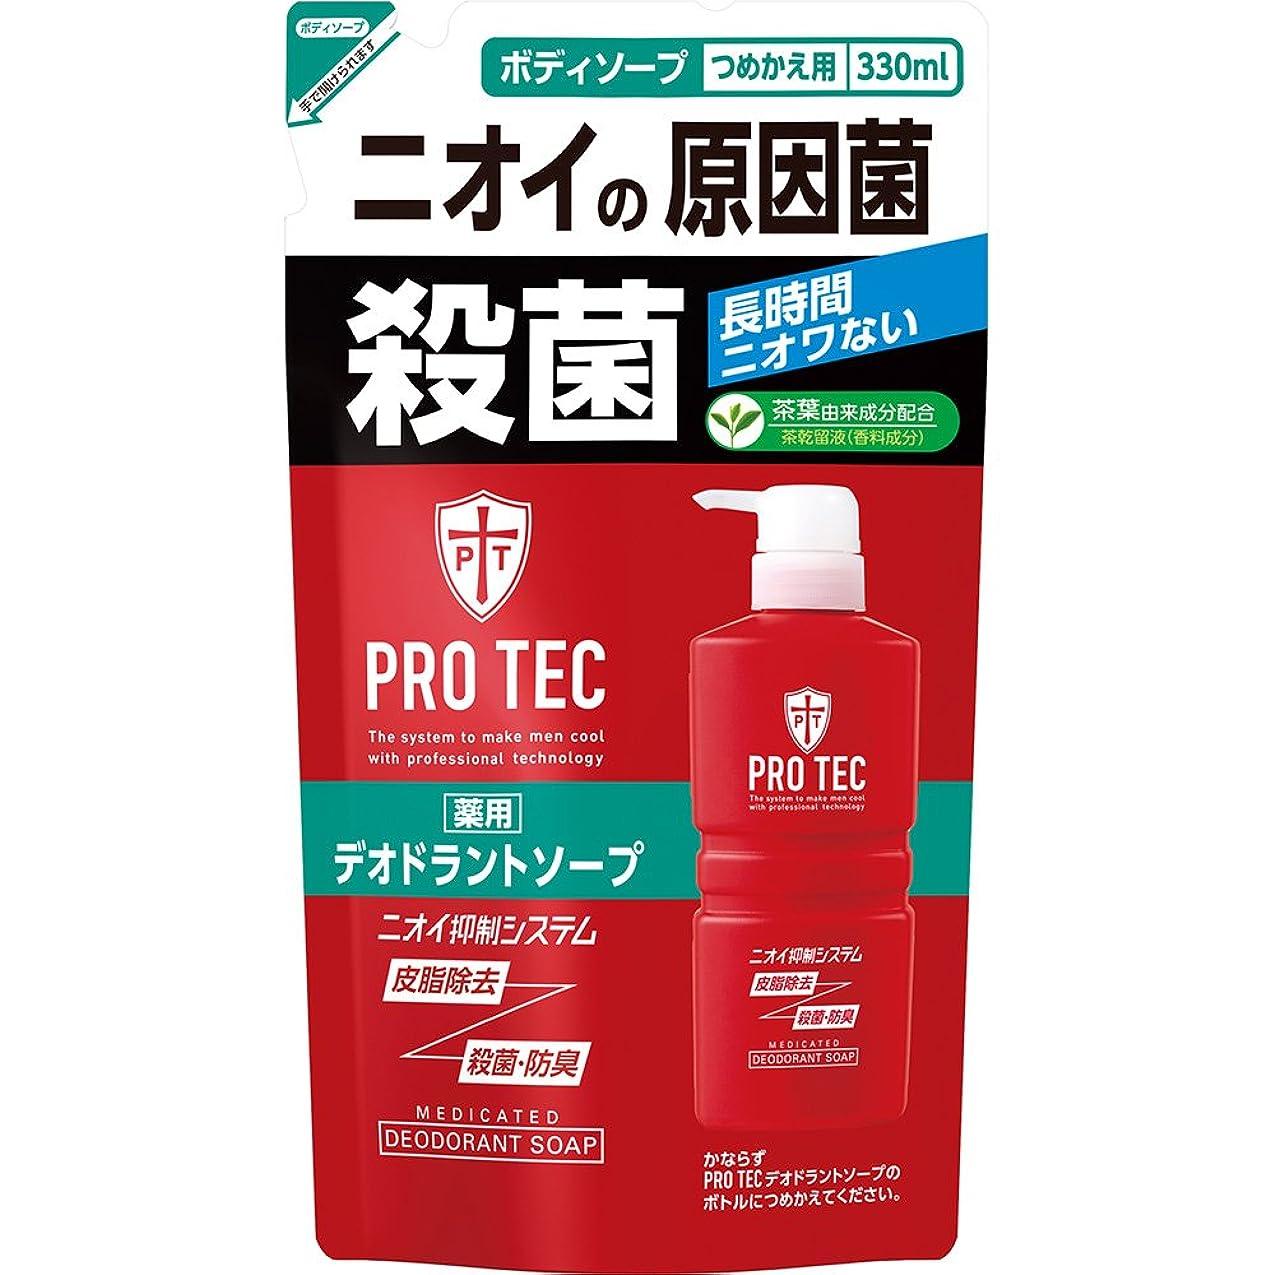 望ましい外国人信条PRO TEC(プロテク) デオドラントソープ 詰め替え 330ml(医薬部外品)